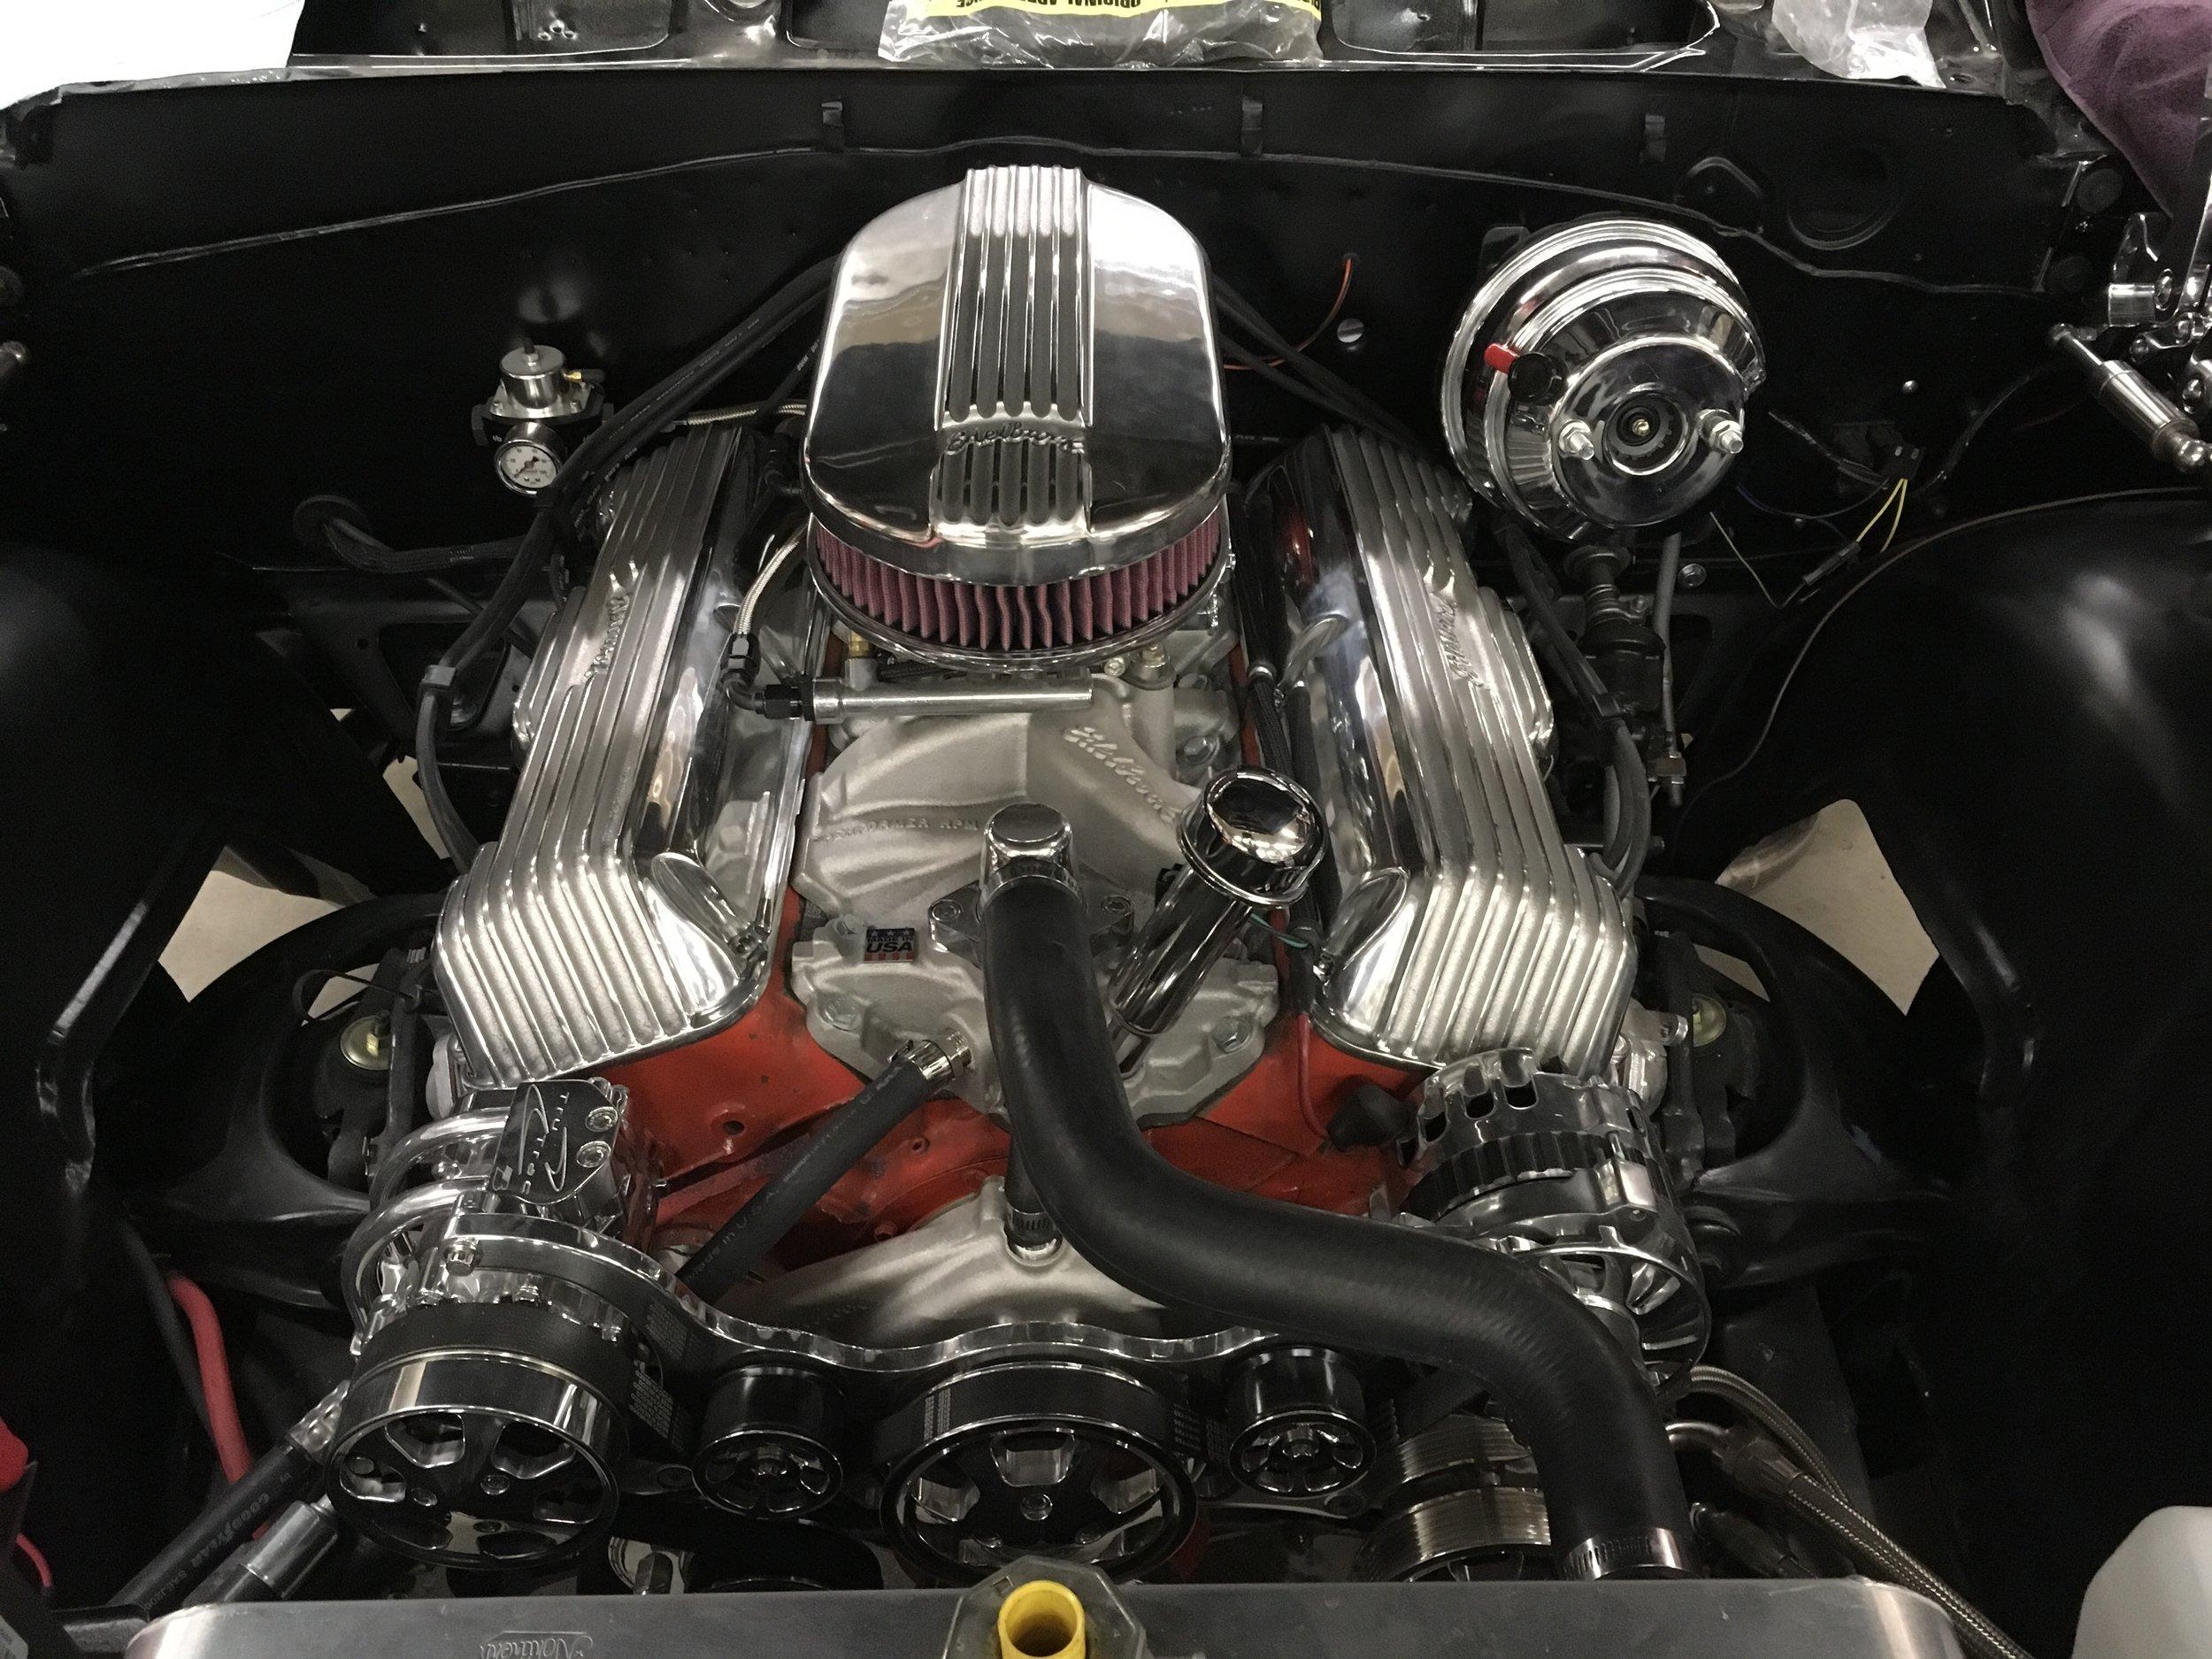 1964 Impala, 409